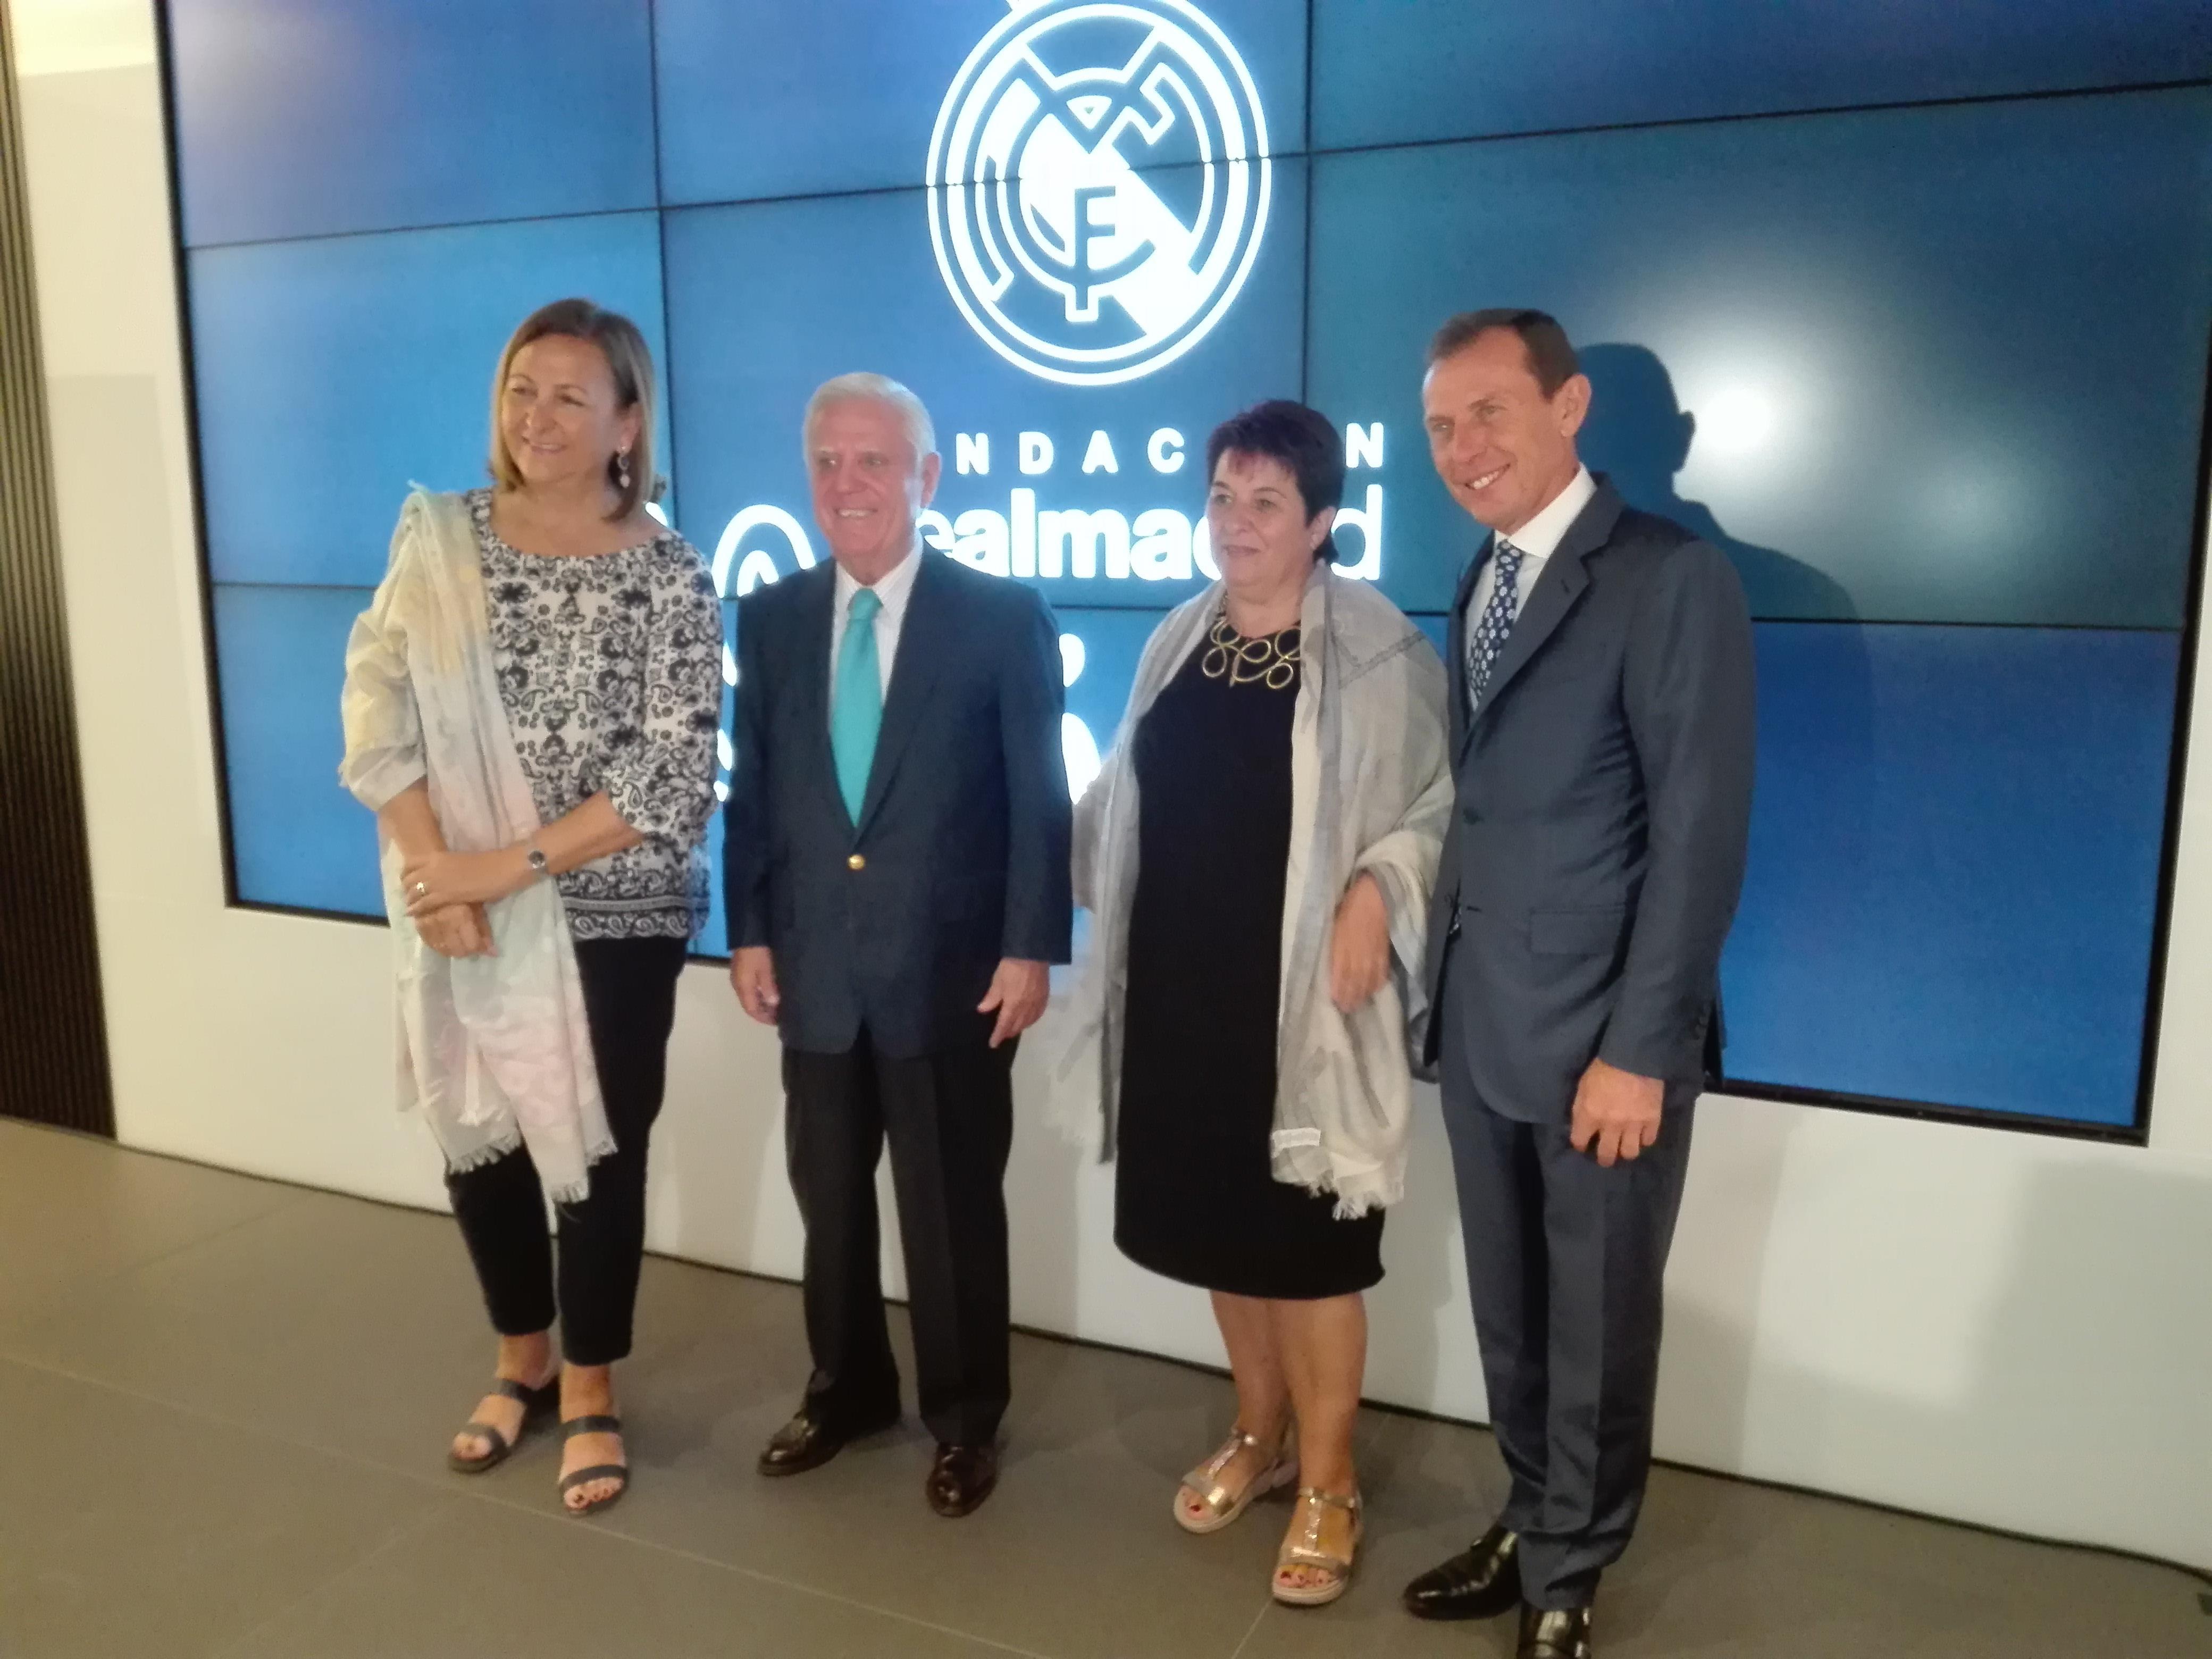 El Ayuntamiento de Segovia y la Fundación Real Madrid mantienen su cooperación para hacer posible la Escuela Sociodeportiva de Fútbol de Integración